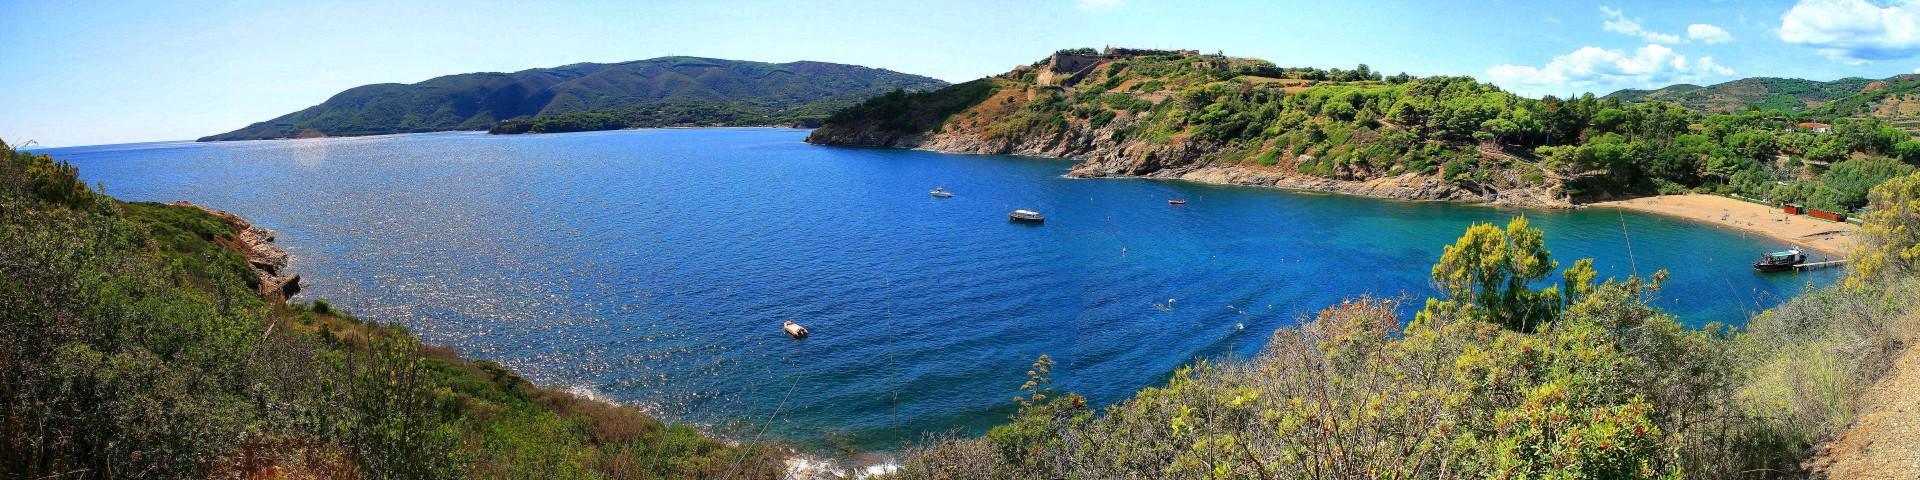 Elba, Porto Azzurro a jedna z okolních pláží, pláž Barbarossa